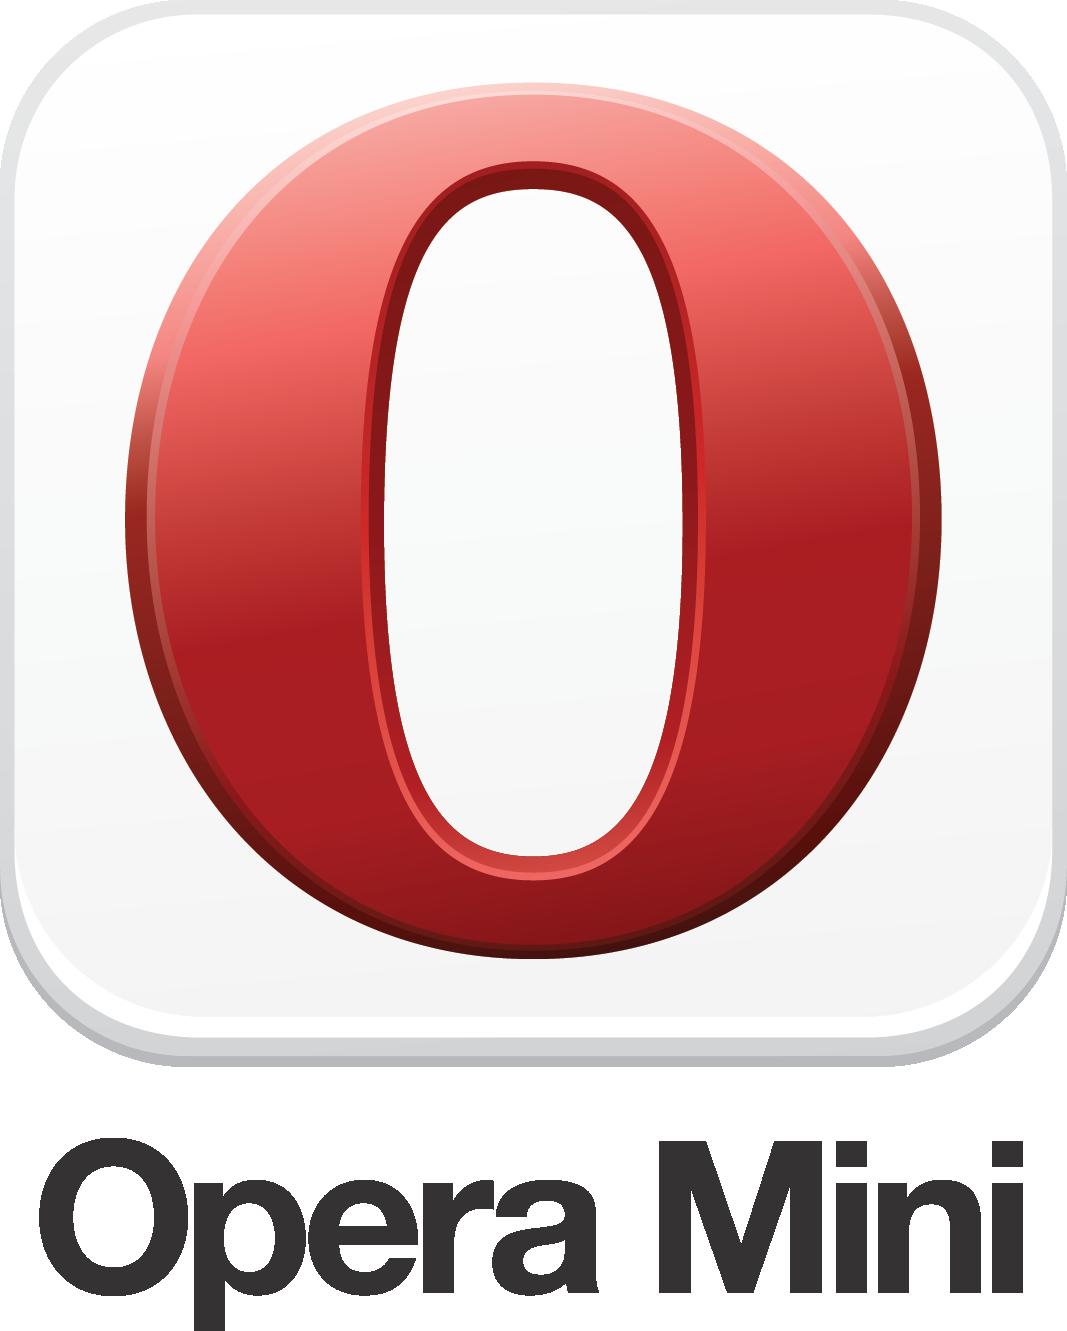 About Opera Mini